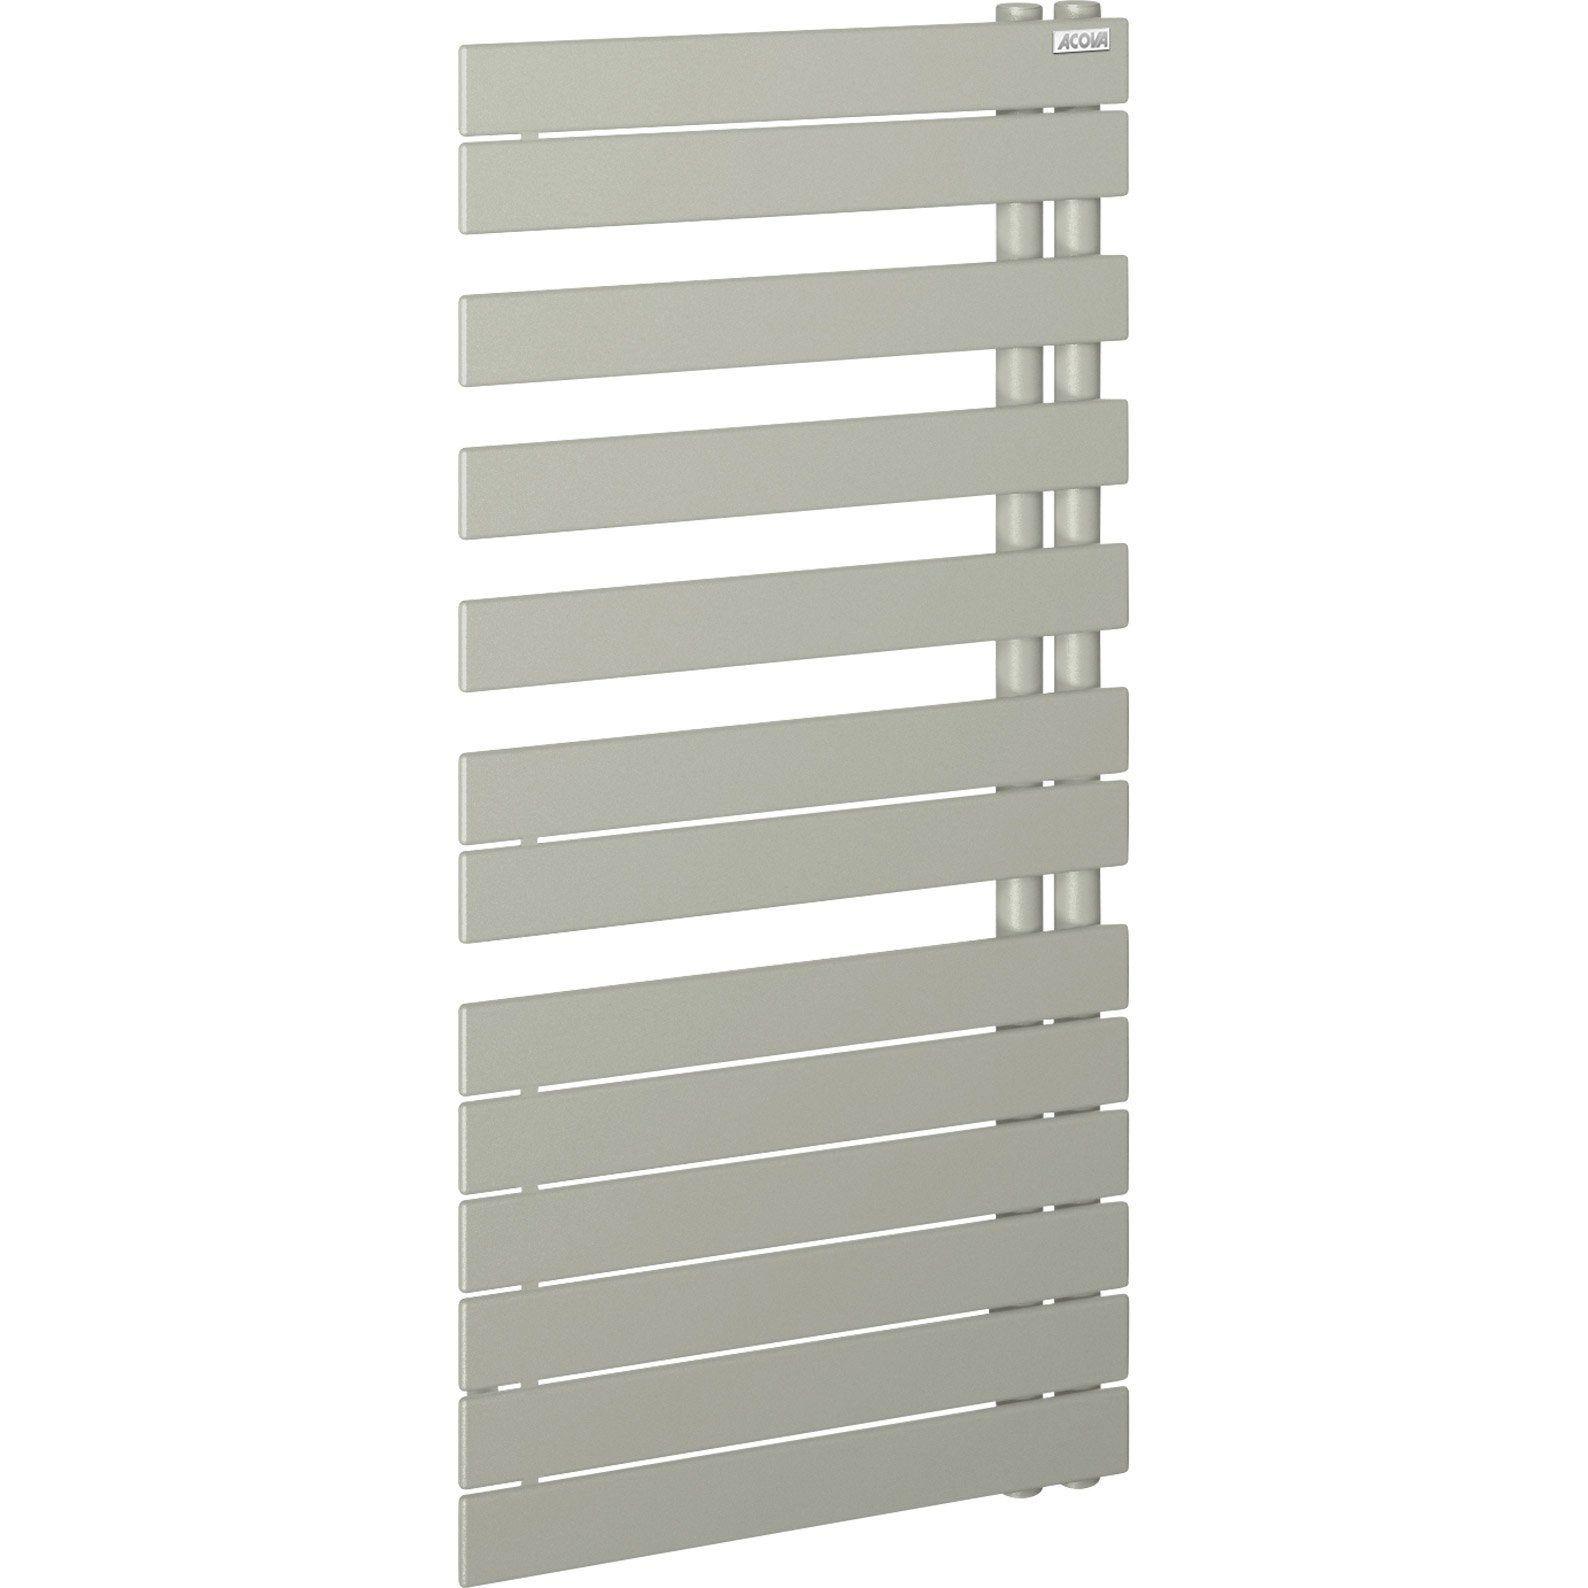 Seche Serviettes Eau Chaude Acier Acova Alpaga White Aluminium 564 W Avec Images Serviettes Seche Serviette Eau Chaude